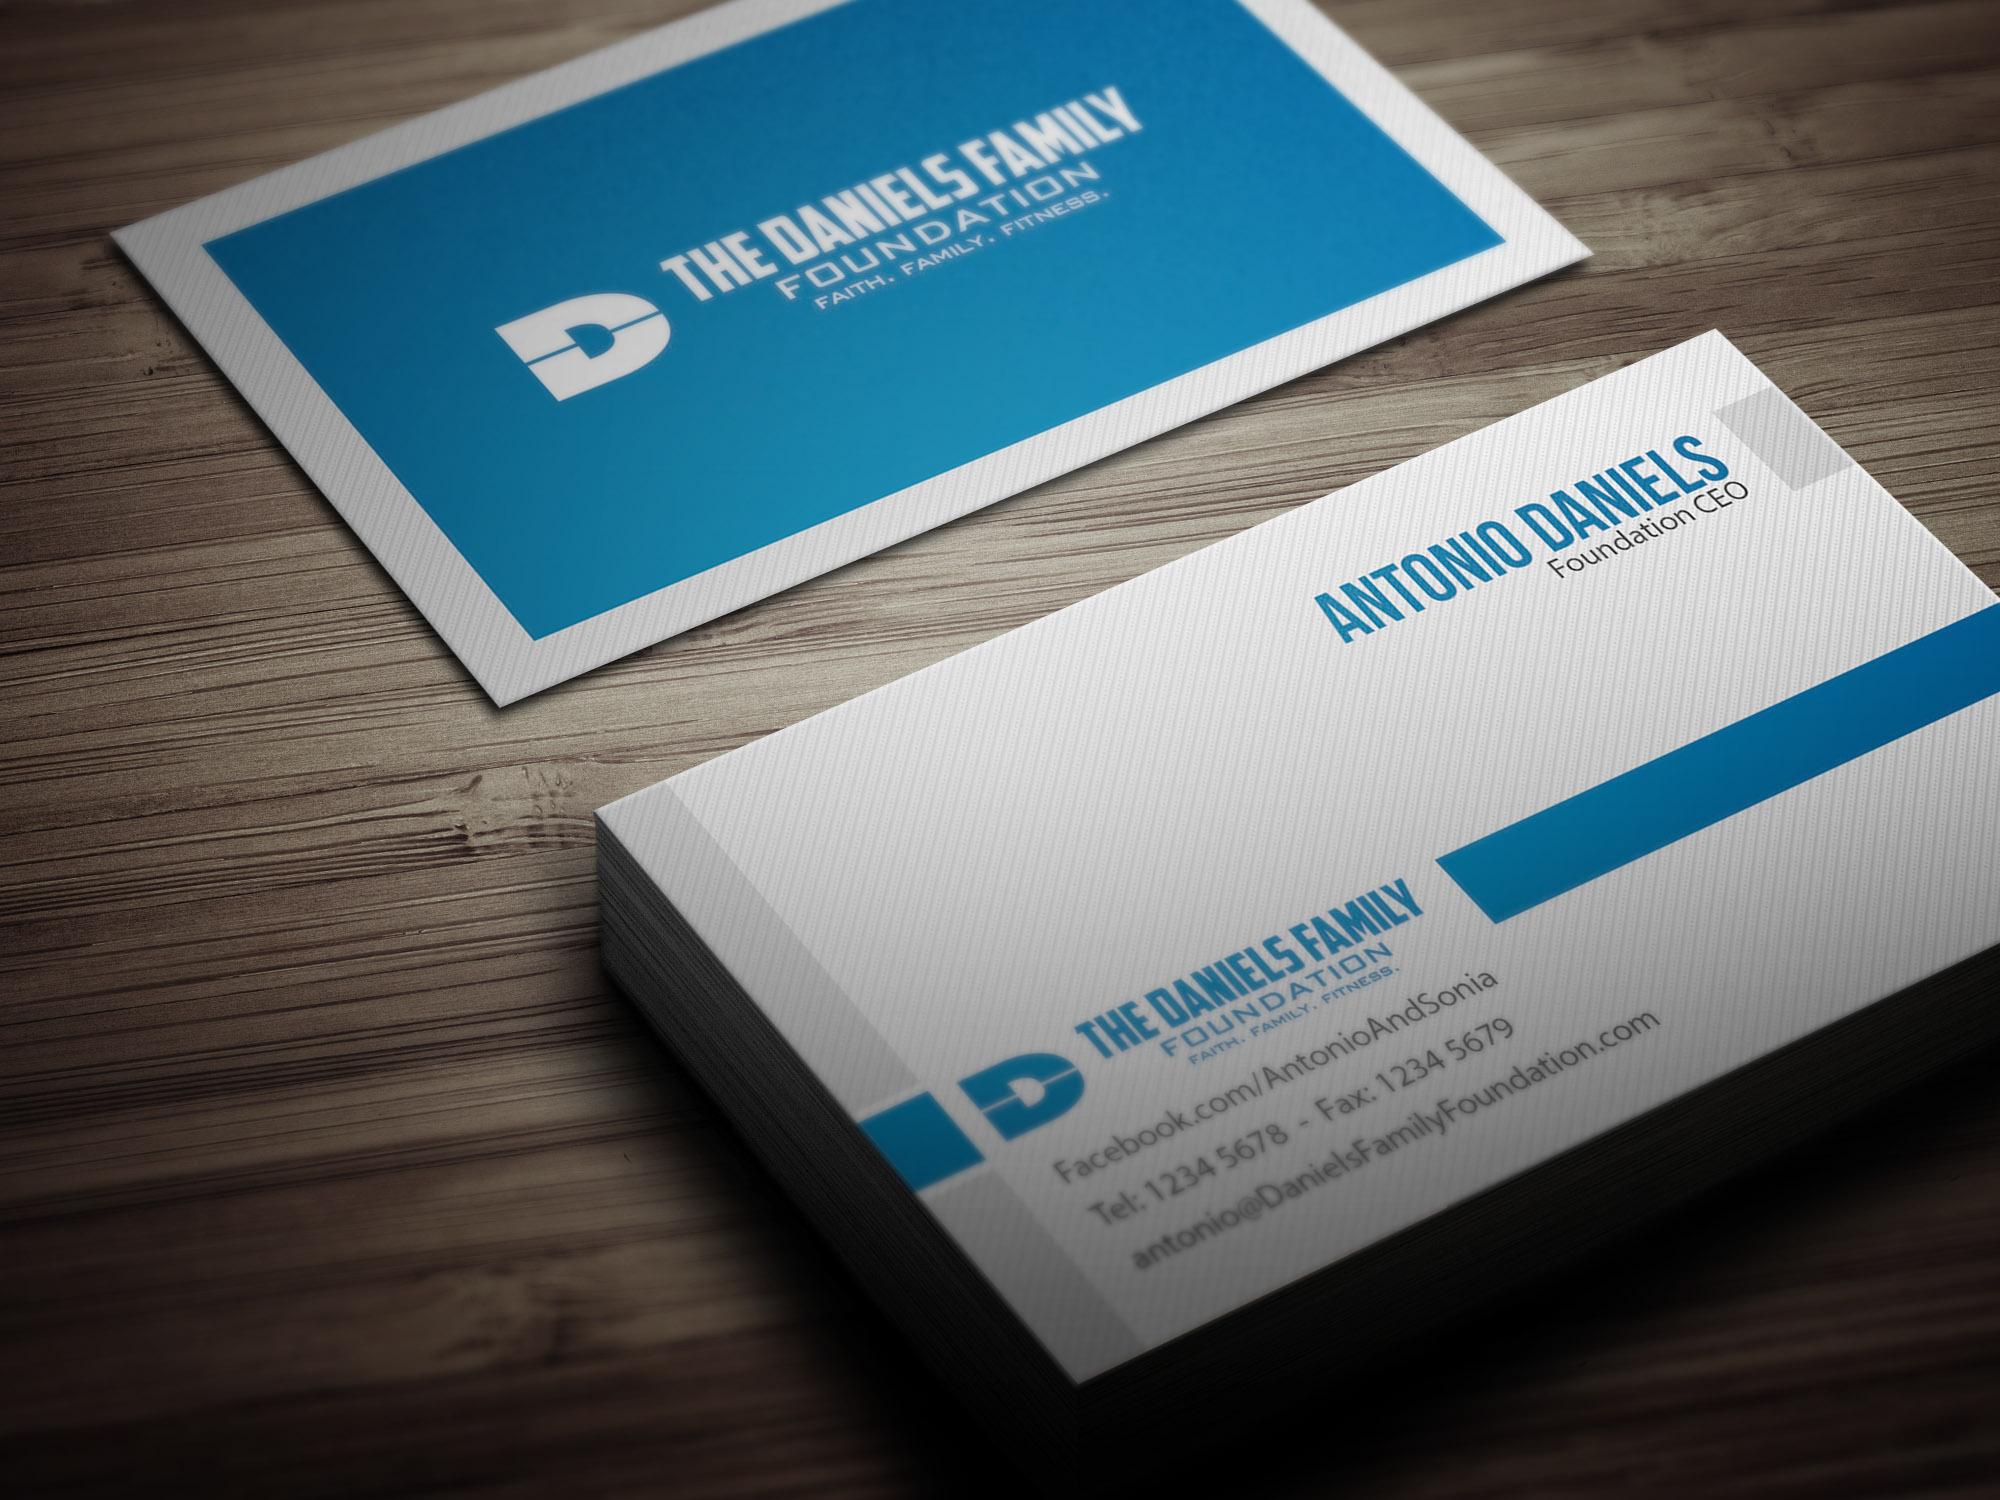 daniels family foundation branding on behance